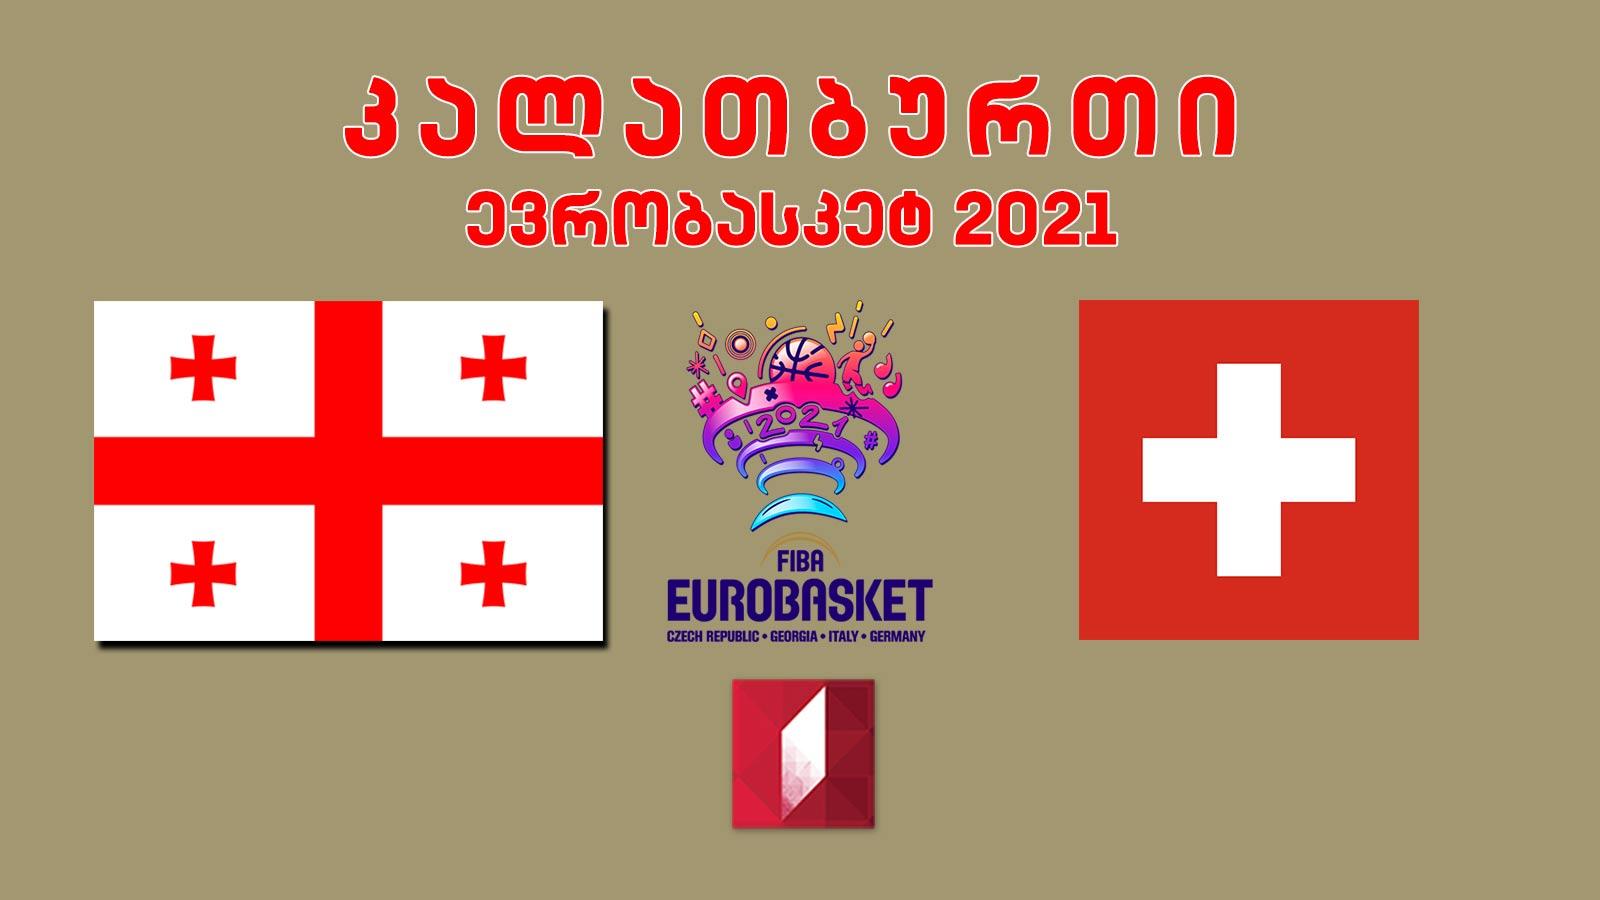 #კალათბურთი საქართველო - შვეიცარია, ევროპის 2021 წლის ჩემპიონატის შესარჩევი მატჩი